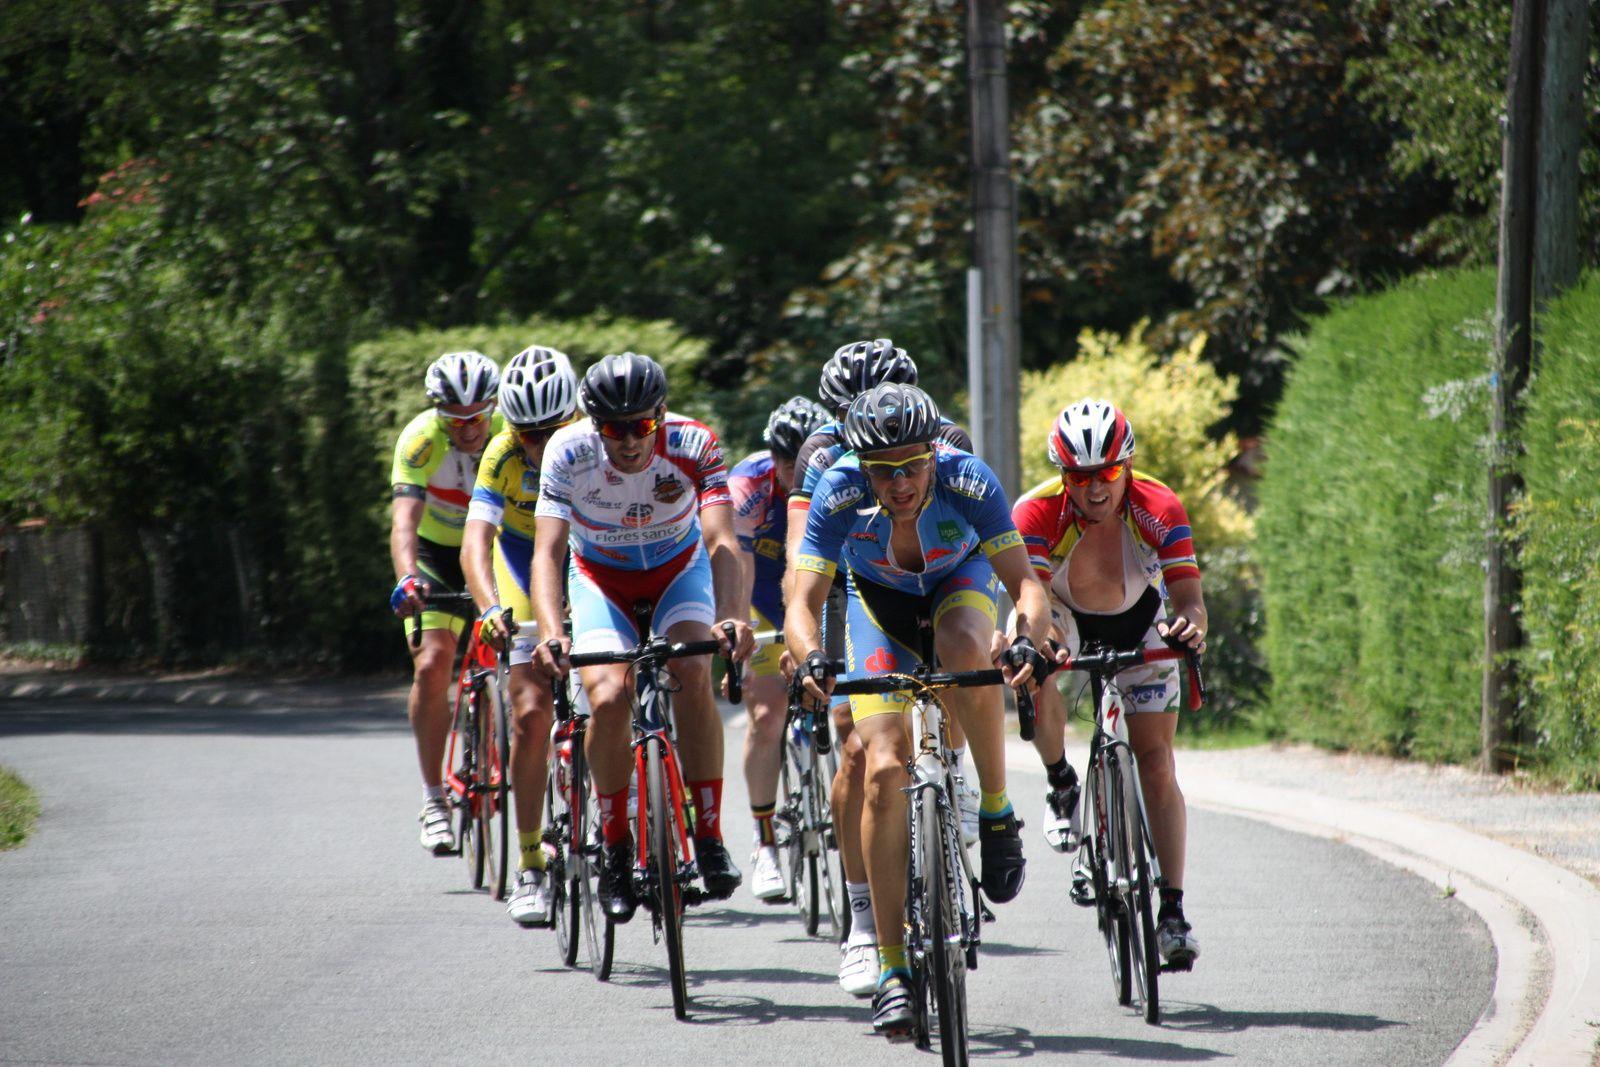 A  1  tour   de  l'arrivée  attaque  de  Michaél  MEYTOU. Classement  =  1er  Dimitri  GALLERNEAU(SS  Neuil le Dolent), 2e  Romain  PICHON(V  Naintré), 3e  Nicolas  PIERRE(VCCO), 4e  Christophe  VEILLON(VC  Saintes), 5e  Guillaume  AUBINEAU(VC  Chatillon), 6e  Colin  BOLNOT(TC  Chateaubernard), 7e  Jerome  SUBRA(CC  Vervant), 8e  Michaél  MEYTOU(APOGE), 9e  Guillaume  NOIRT(ES  Bardenac), 10e  Bruno  VERHOEVEN(UVA), 11e  Brayan  FEYTOU(JS St Astier), 12e  Mathieu  IMBERDIS(VCCO), 13e  David  AUBUGEAU(V  Naintré), 14e  Yann  GORRY(VC  aintes), 15e  Julien  MALIDIN(SS  Nieul le Dolent), 16e  Thierry  MICHAUD(VS  Cabnton de Beauvoir), 17e  Thierry  SENTUC(SC  Braud St Louis), 18e  Michel  MASTEAU(CA Civray), 19e  Clément  GUERIN(UVA), 20e  Anthony  CAILLE(SS  Nieul le Dolent).